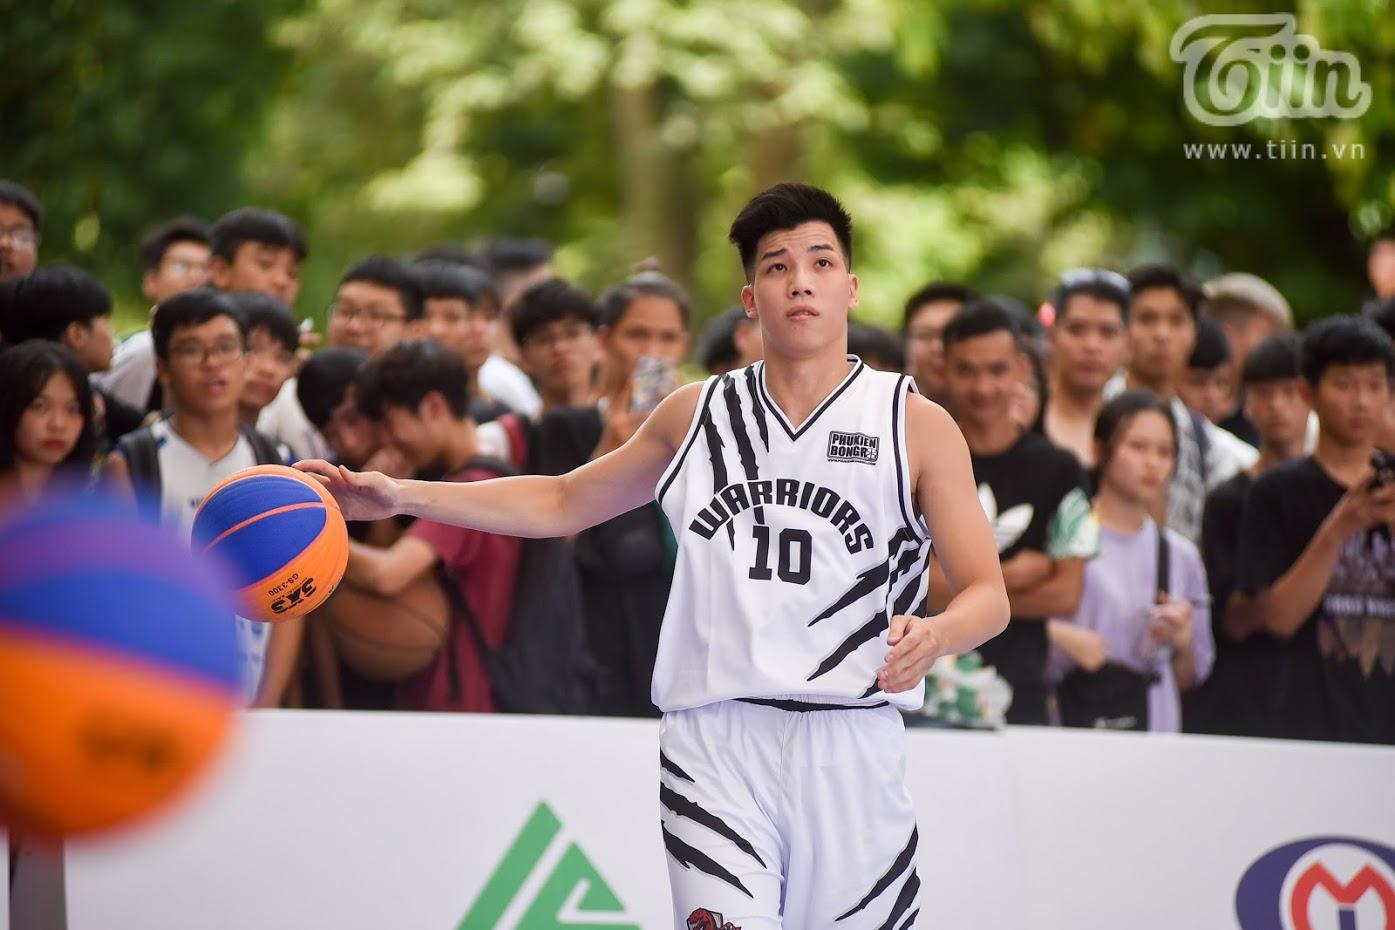 Giải bóng rổ chưa có tiền lệ giữa phố đi bộ Hồ Gươm: Giới trẻbất chấp nắng nóng gay gắt đến xem chật cứng 12